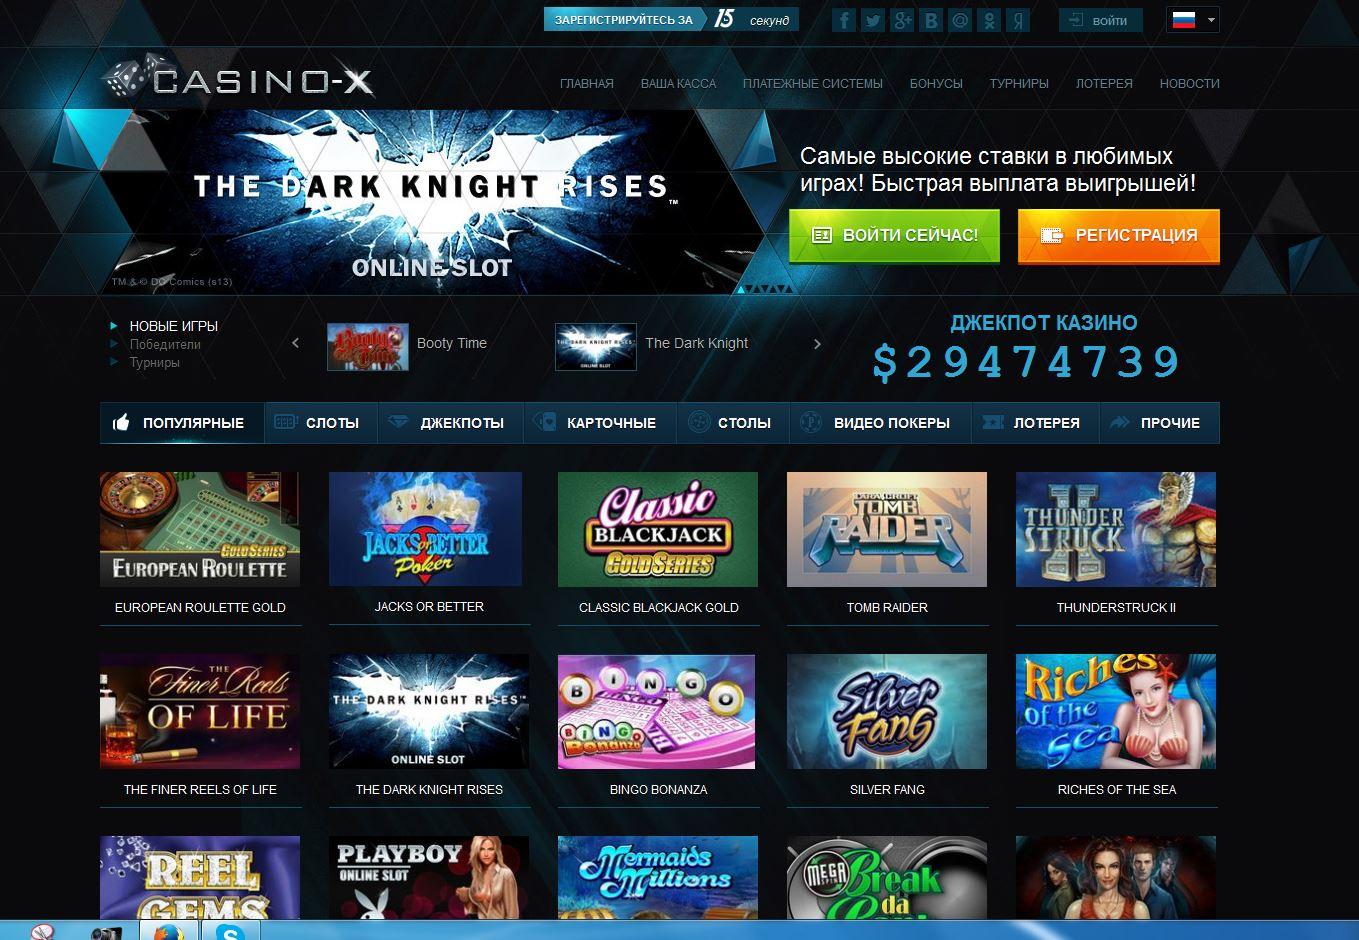 Сайту о казино онлайн виртуальное казино в украине